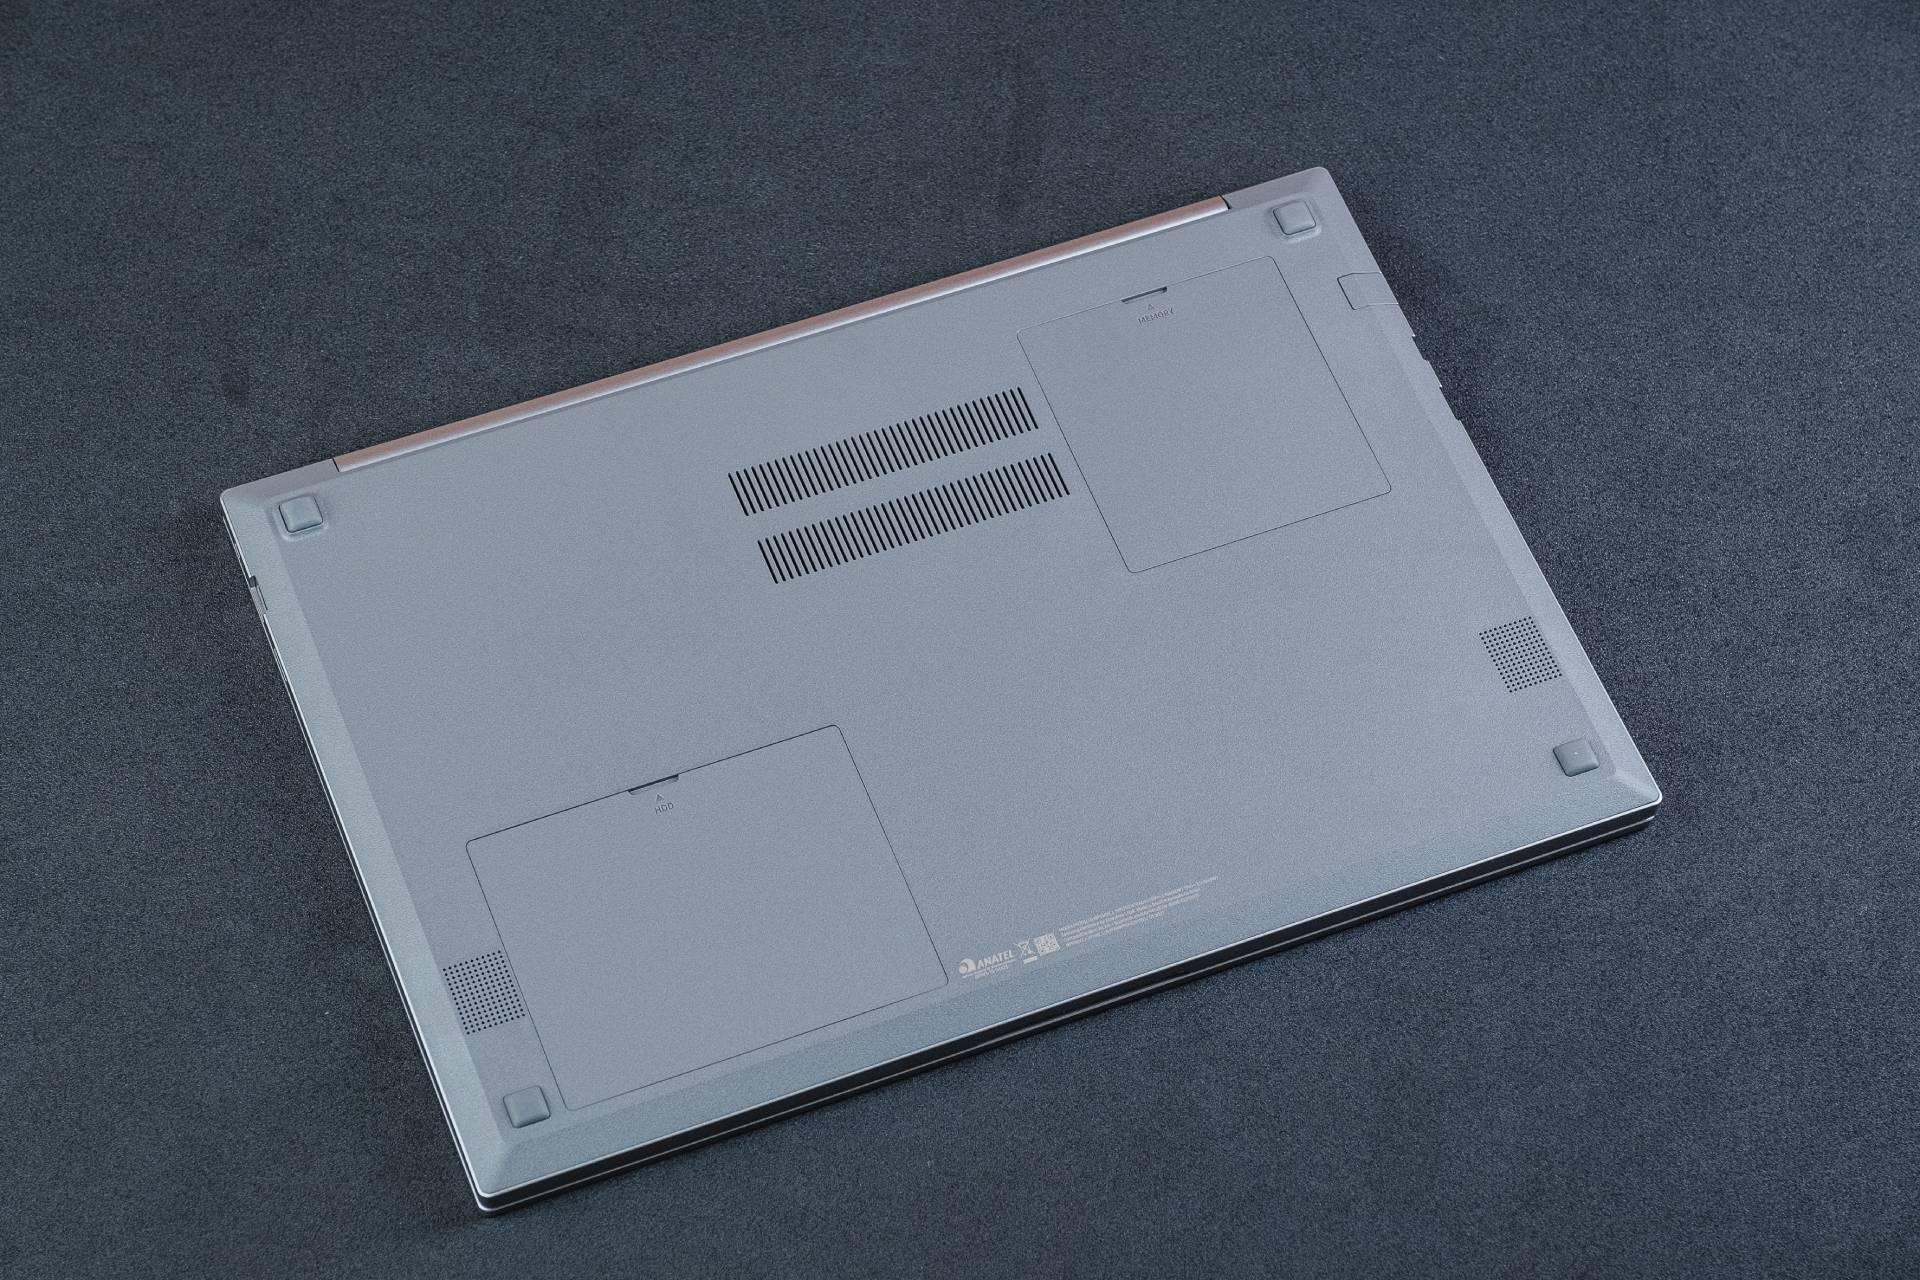 Fácil de abrir, a tampa inferior do Samsung Book X40 permite instalar mais memória RAM, SSD ou trocar o HD que vem com o notebook (Foto: Zoom)